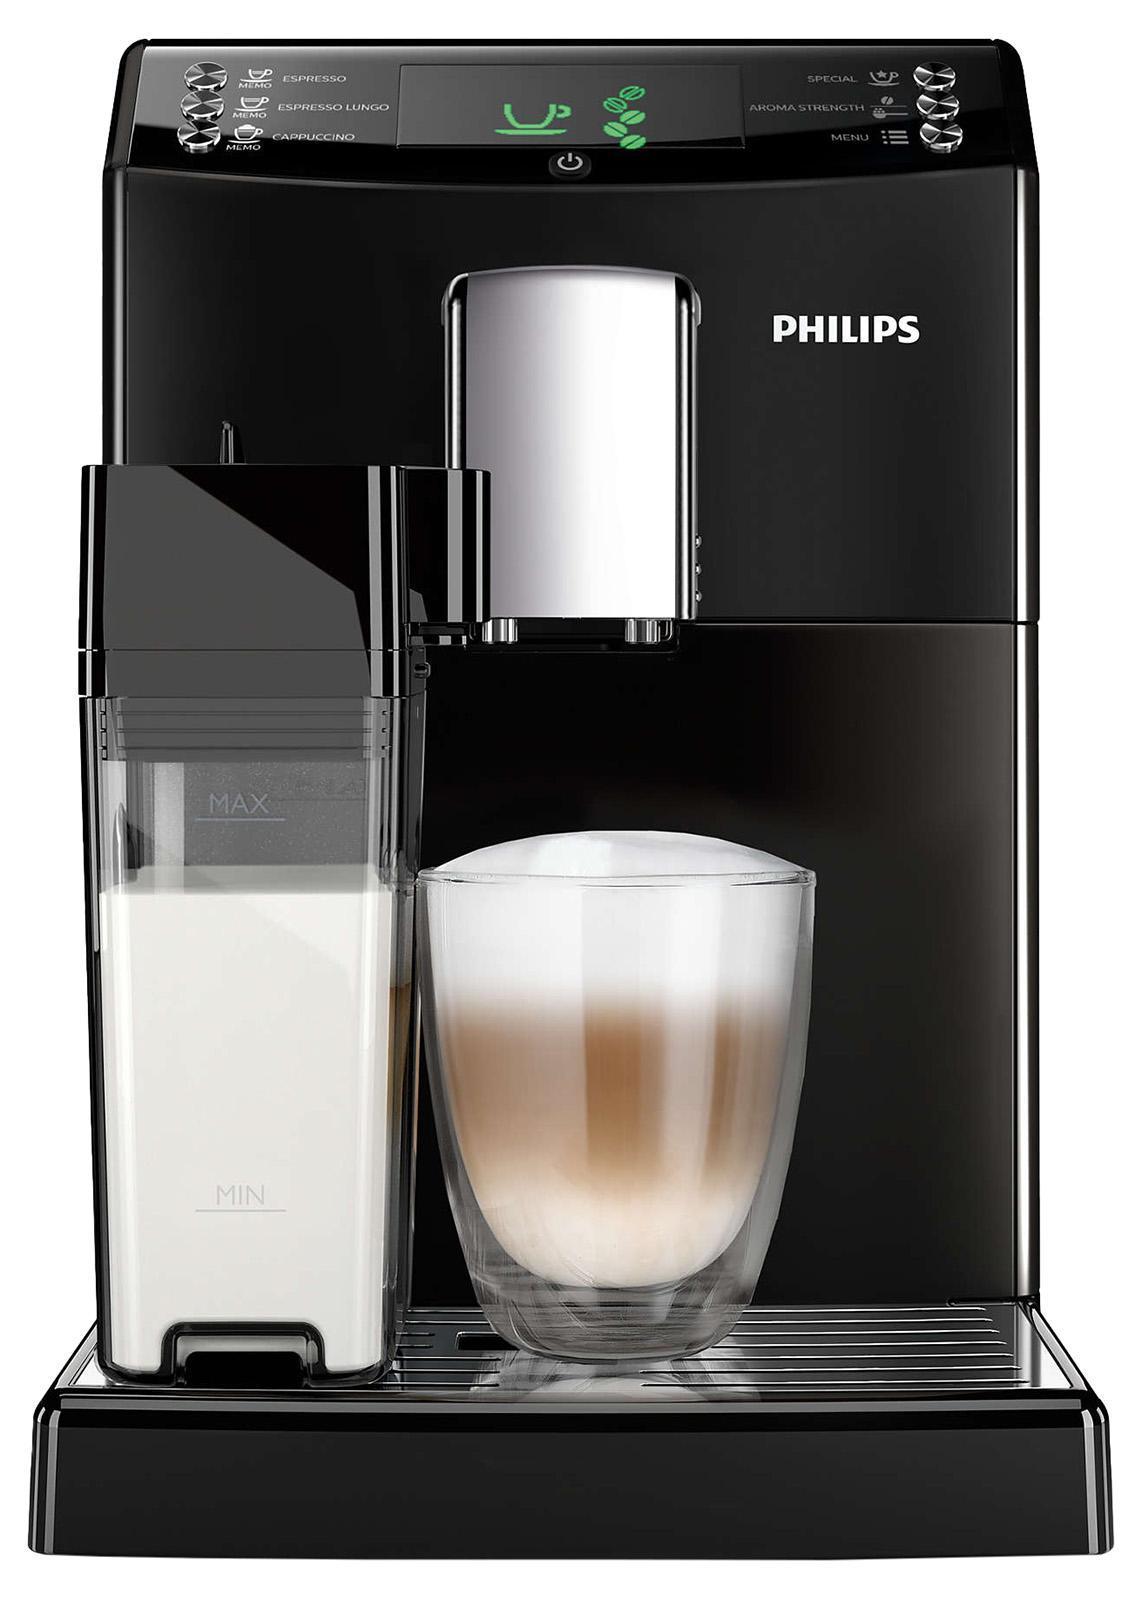 Philips HD8828/09 кофемашинаHD8828/09Эспрессо из свежемолотых кофейных зерен простым нажатием кнопки. Приготовьте одну или сразу две порции превосходного эспрессо, сваренного из свежемолотых кофейных зерен, просто нажав на кнопку и подождав несколько секунд. Идеальный капучино с пышной молочной пеной одним нажатием кнопки Наслаждаться превосходным капучино, приготовленным при идеальной температуре, теперь просто как никогда. Просто наполните молочный кувшин и присоедините его к кофемашине, затем выберите свой напиток. Будет ли это капучино или просто взбитое молоко, приготовление займет всего несколько секунд. При этом не будет никаких брызг. Потрясающий вкус благодаря 100%-но керамическим жерновам Забудьте о жженом привкусе кофе благодаря 100%-но керамическим жерновам, которые не перегревают зерна. Керамика гарантирует долгий срок службы и бесшумную работу. Регулируемые настройки помола для идеального вкуса кофе Выберите одну из пяти степеней помола на ваш вкус — от самого тонкого для приготовления насыщенного...